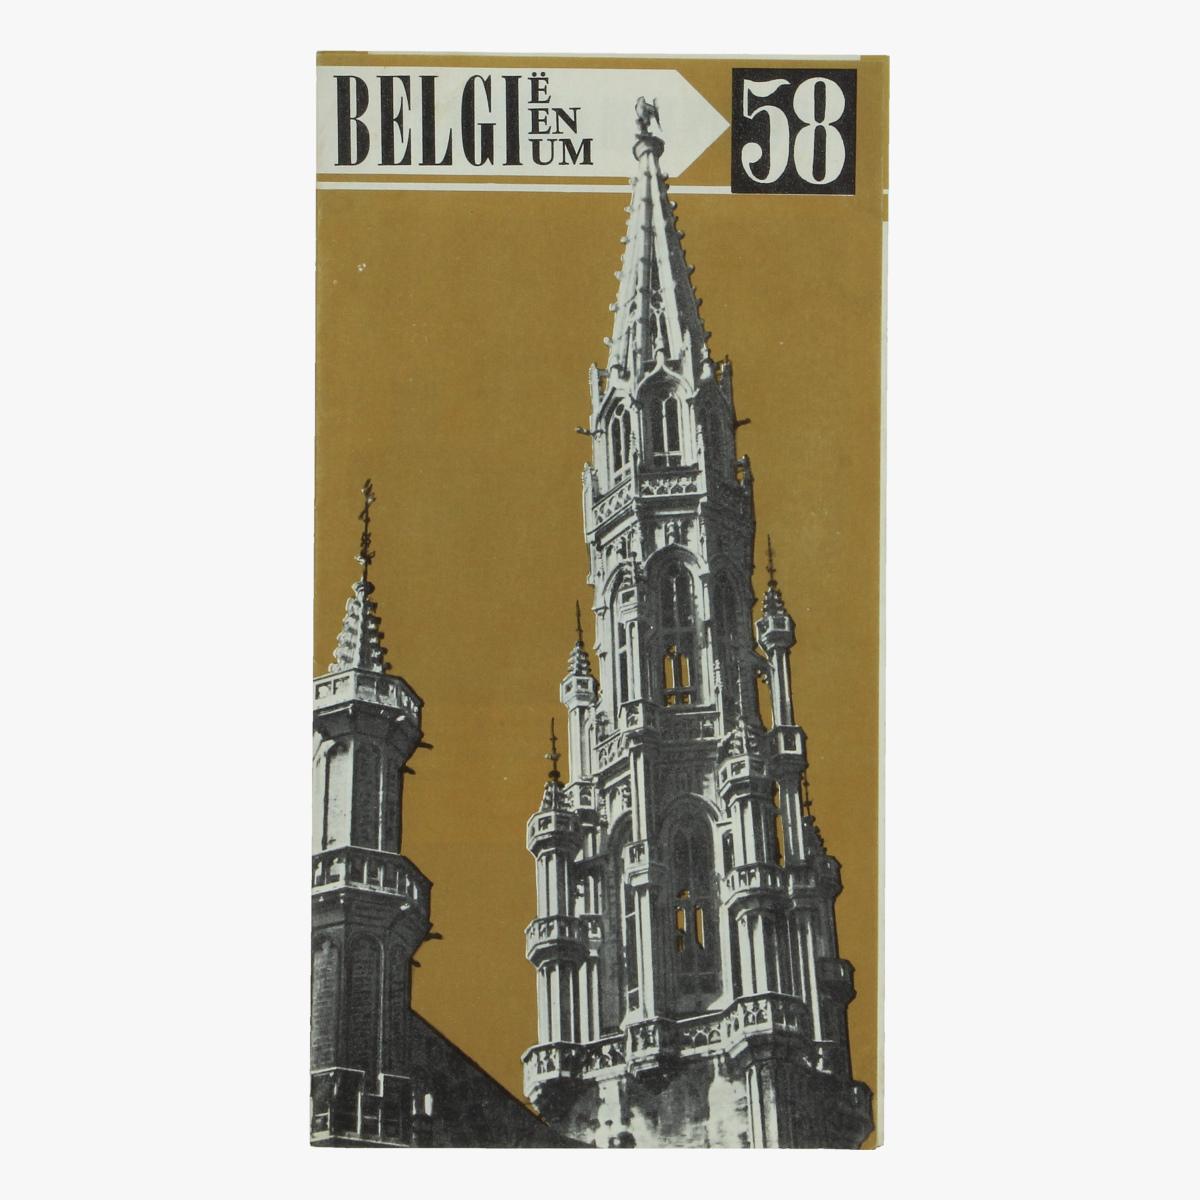 Afbeeldingen van expo 58 folder kennismaking met belgie